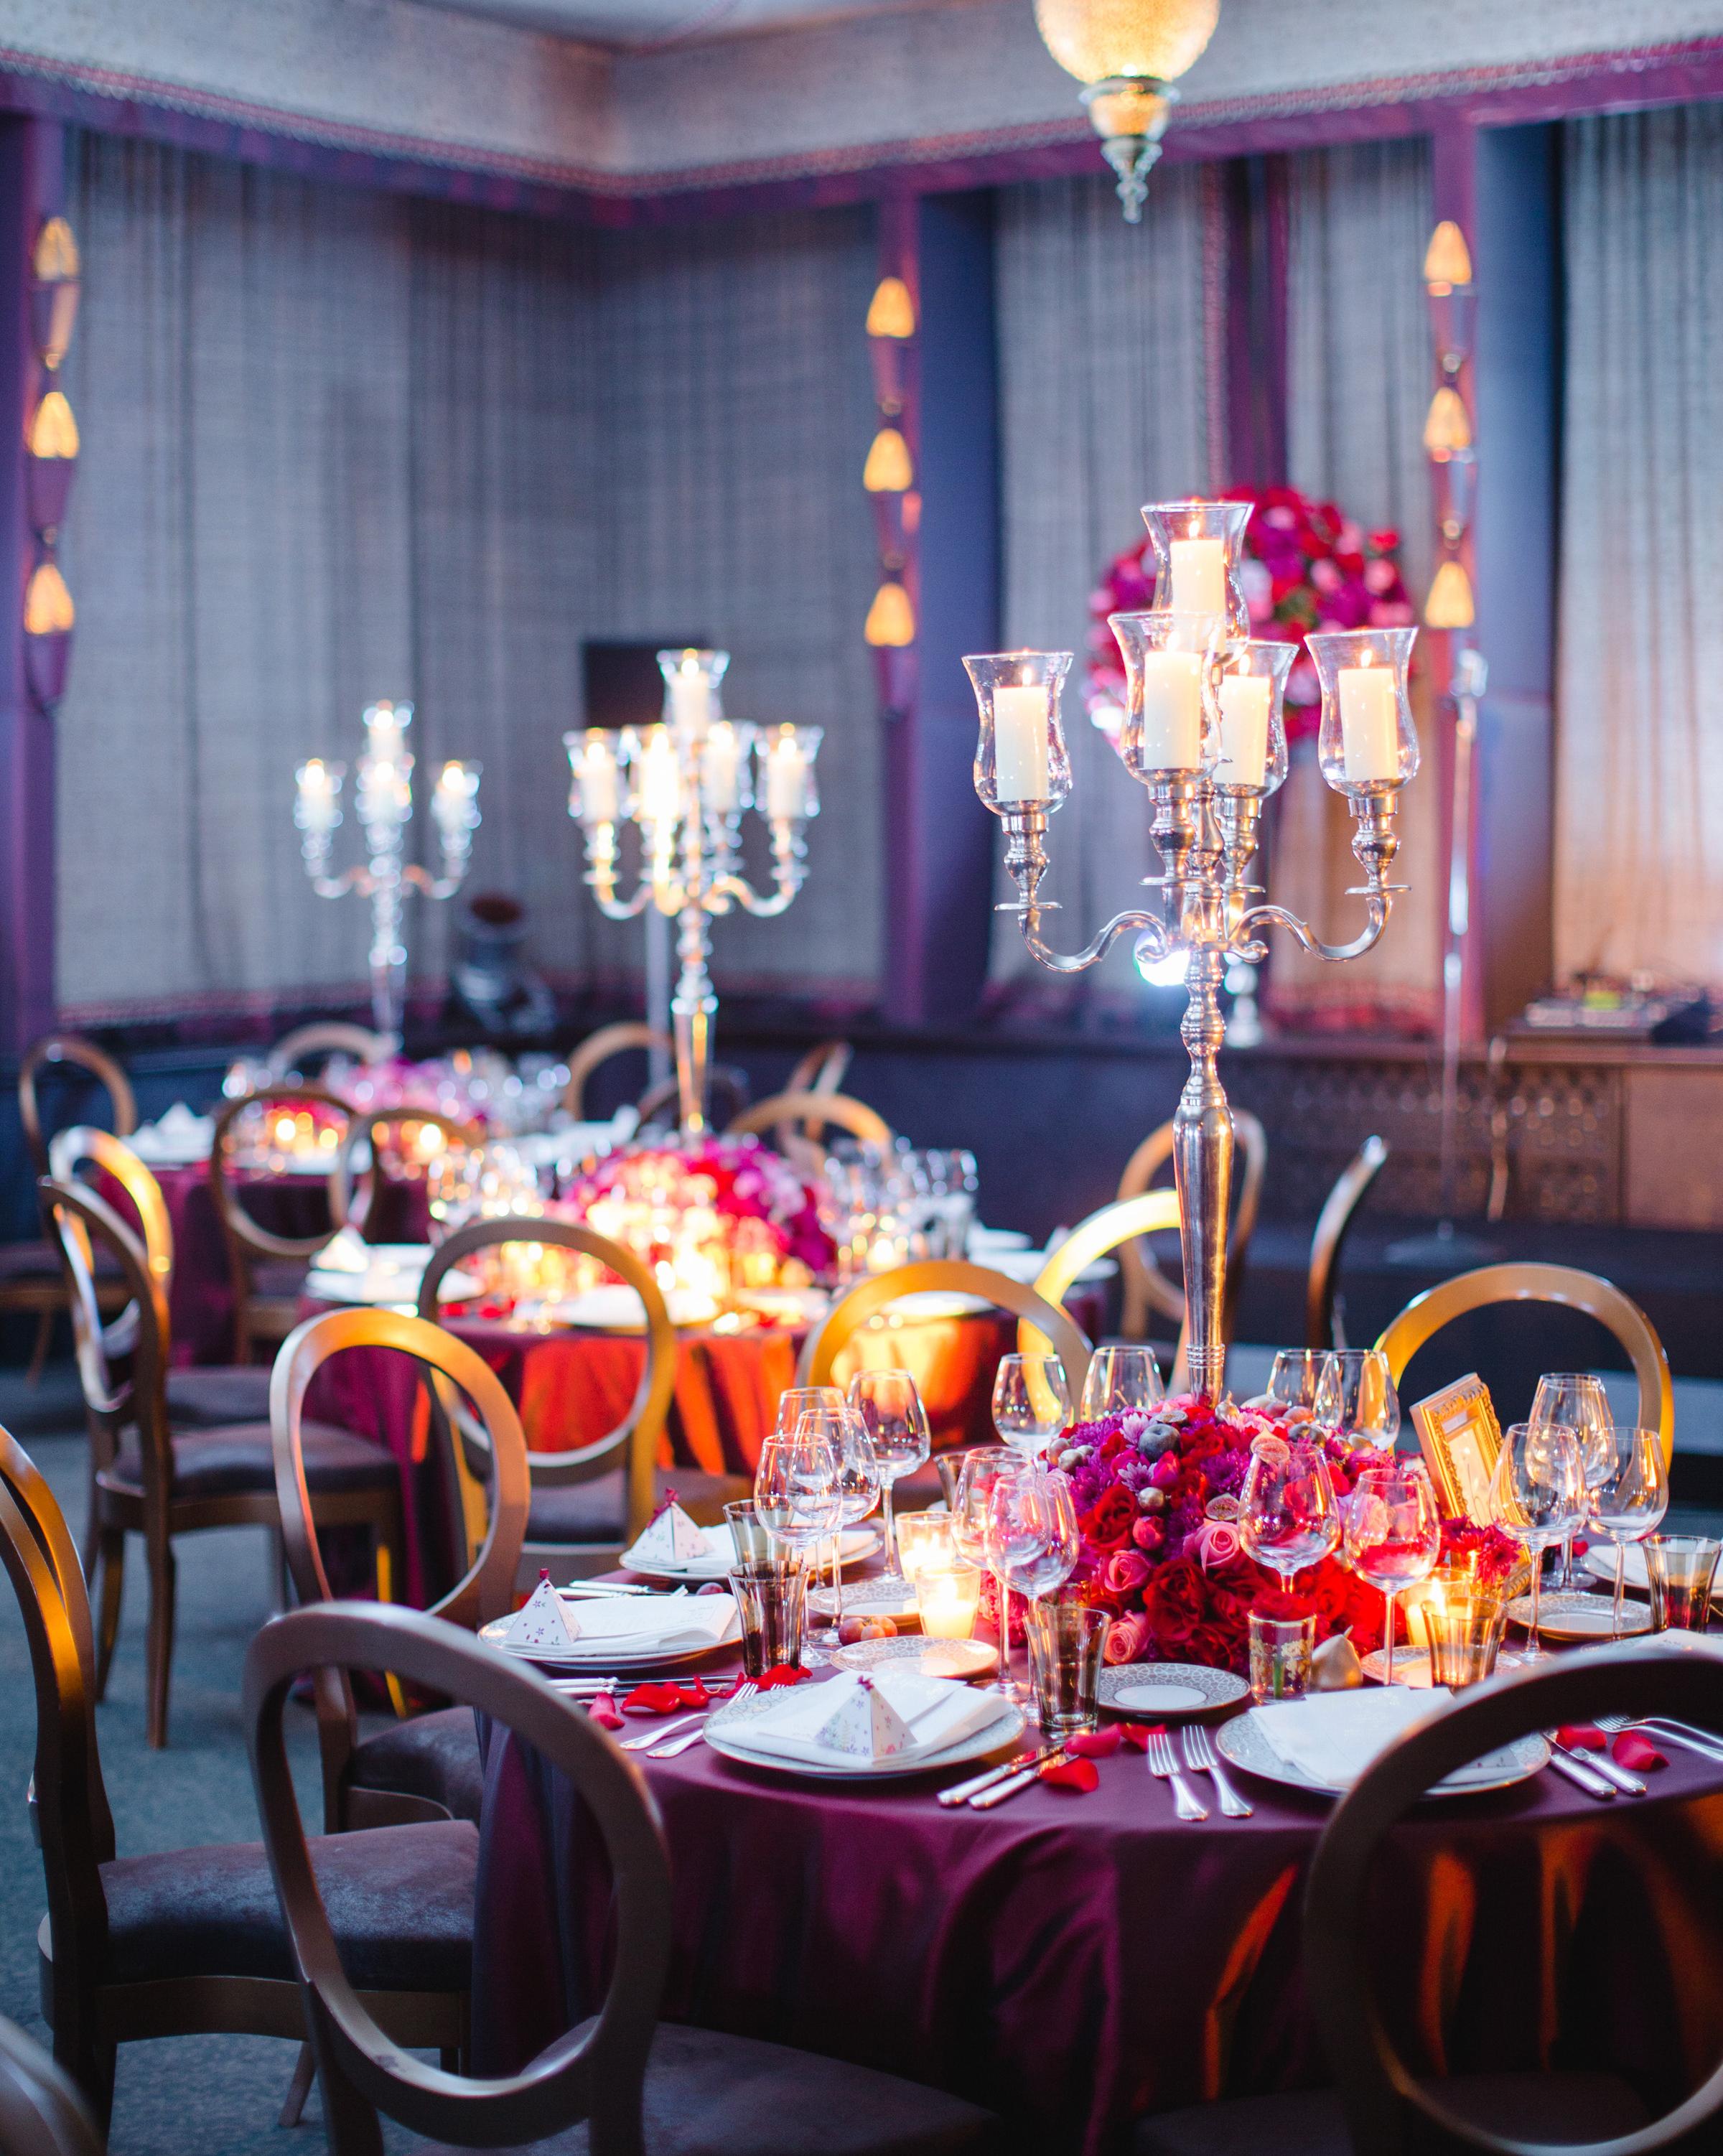 federica-tommaso-wedding-reception-086-s112330-1015.jpg